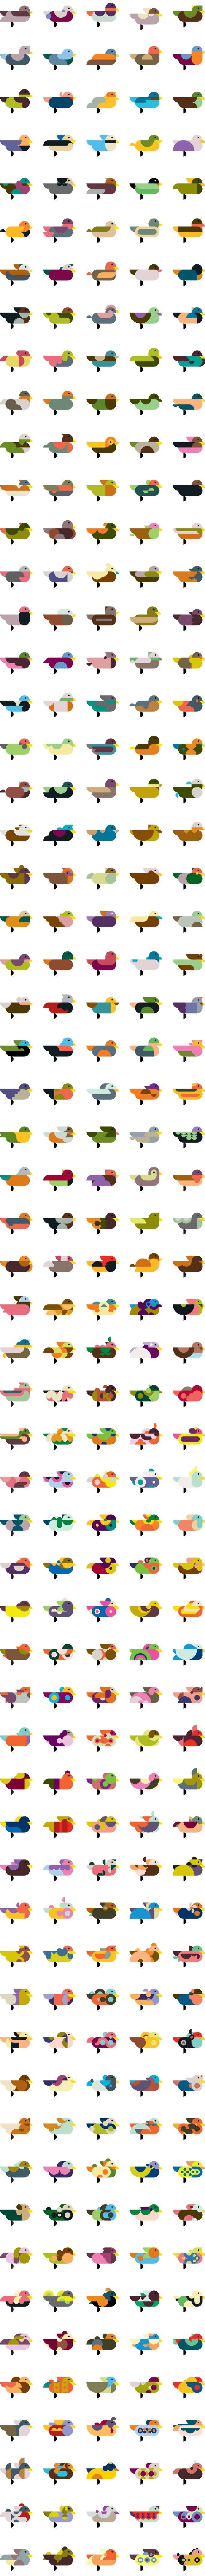 300 Ducks - Tony Buckland